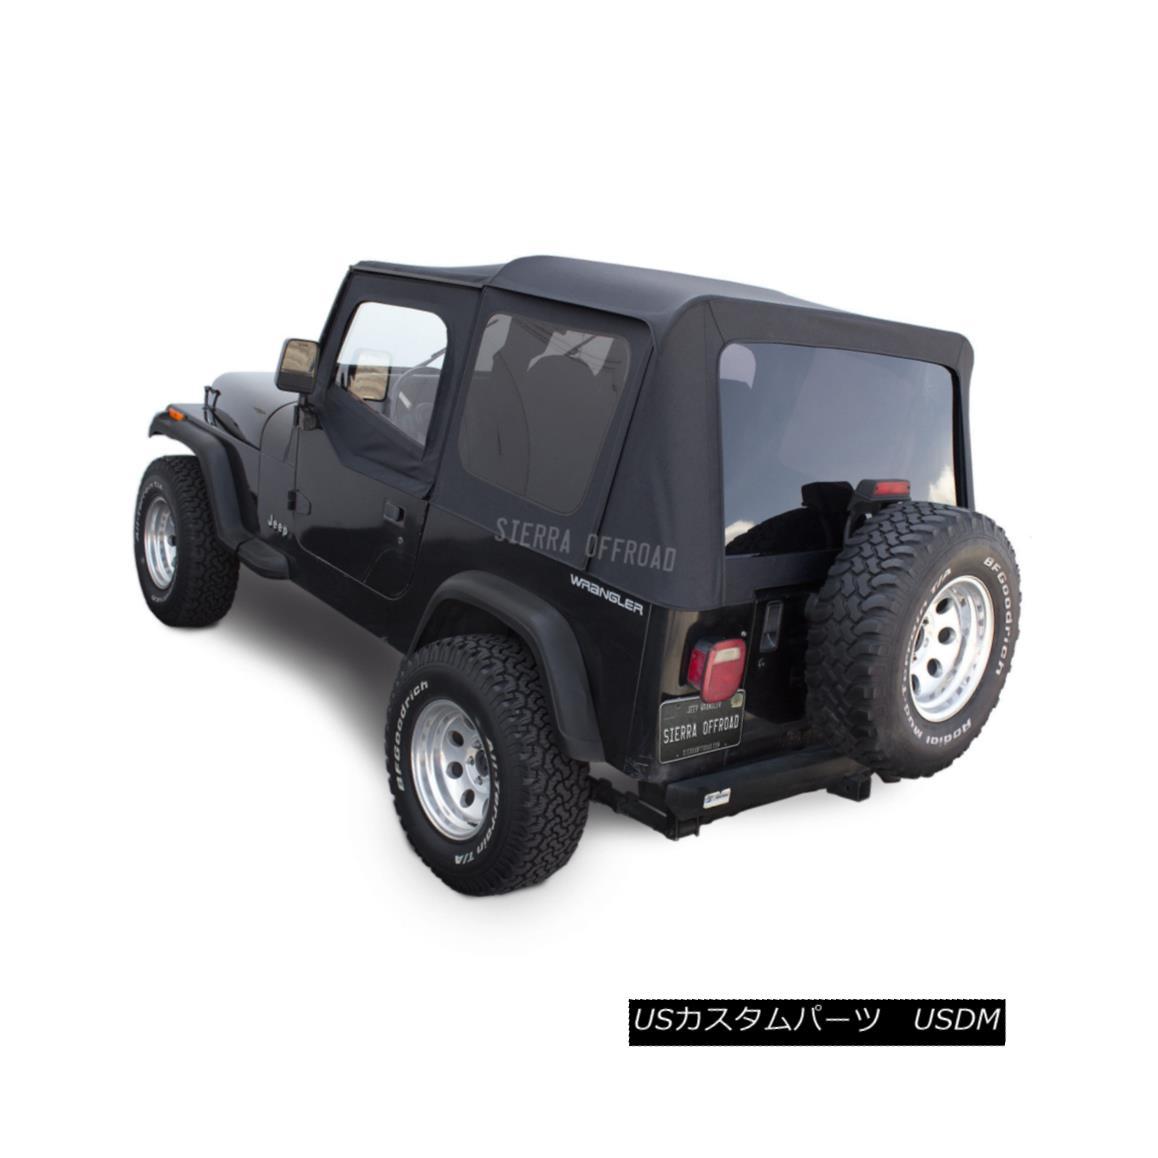 幌・ソフトトップ Jeep Wrangler YJ Soft Top 88-95, Black Denim, Tinted Windows, Upper Doors ジープラングラーYJソフトトップ88-95、ブラックデニム、ティンテッドウインドウ、アッパードア